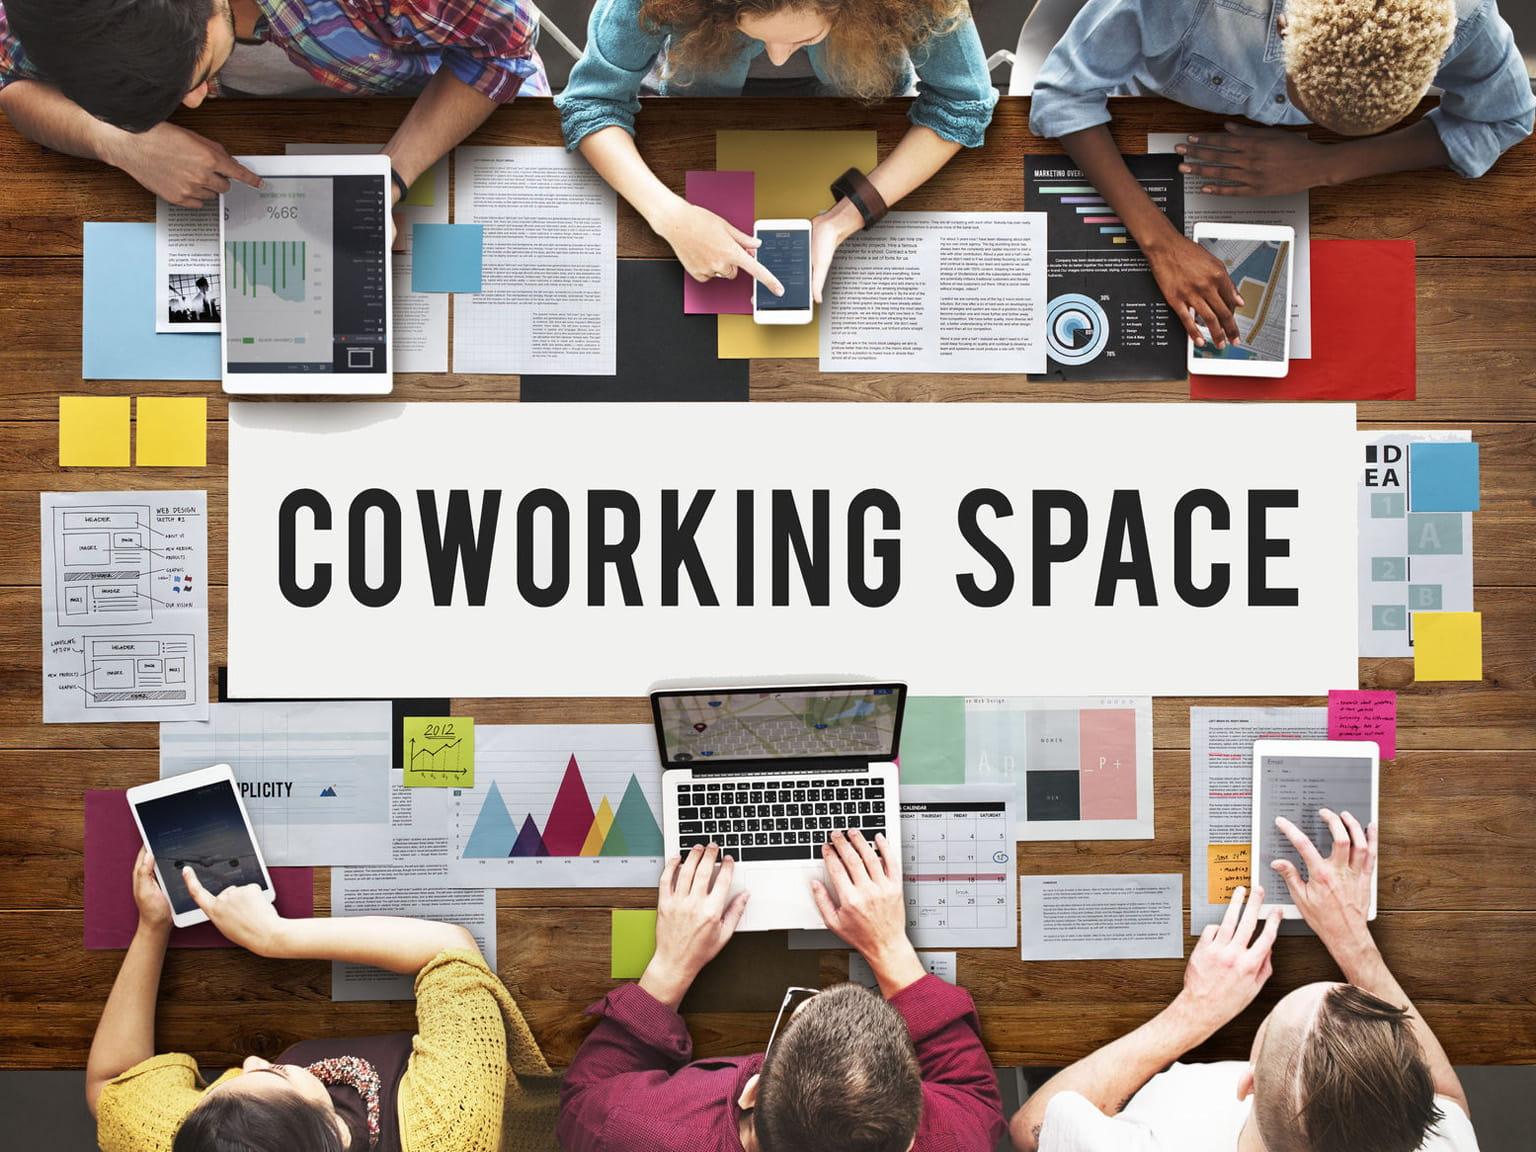 Ambiente d'ufficio coworking con scritta Coworking space